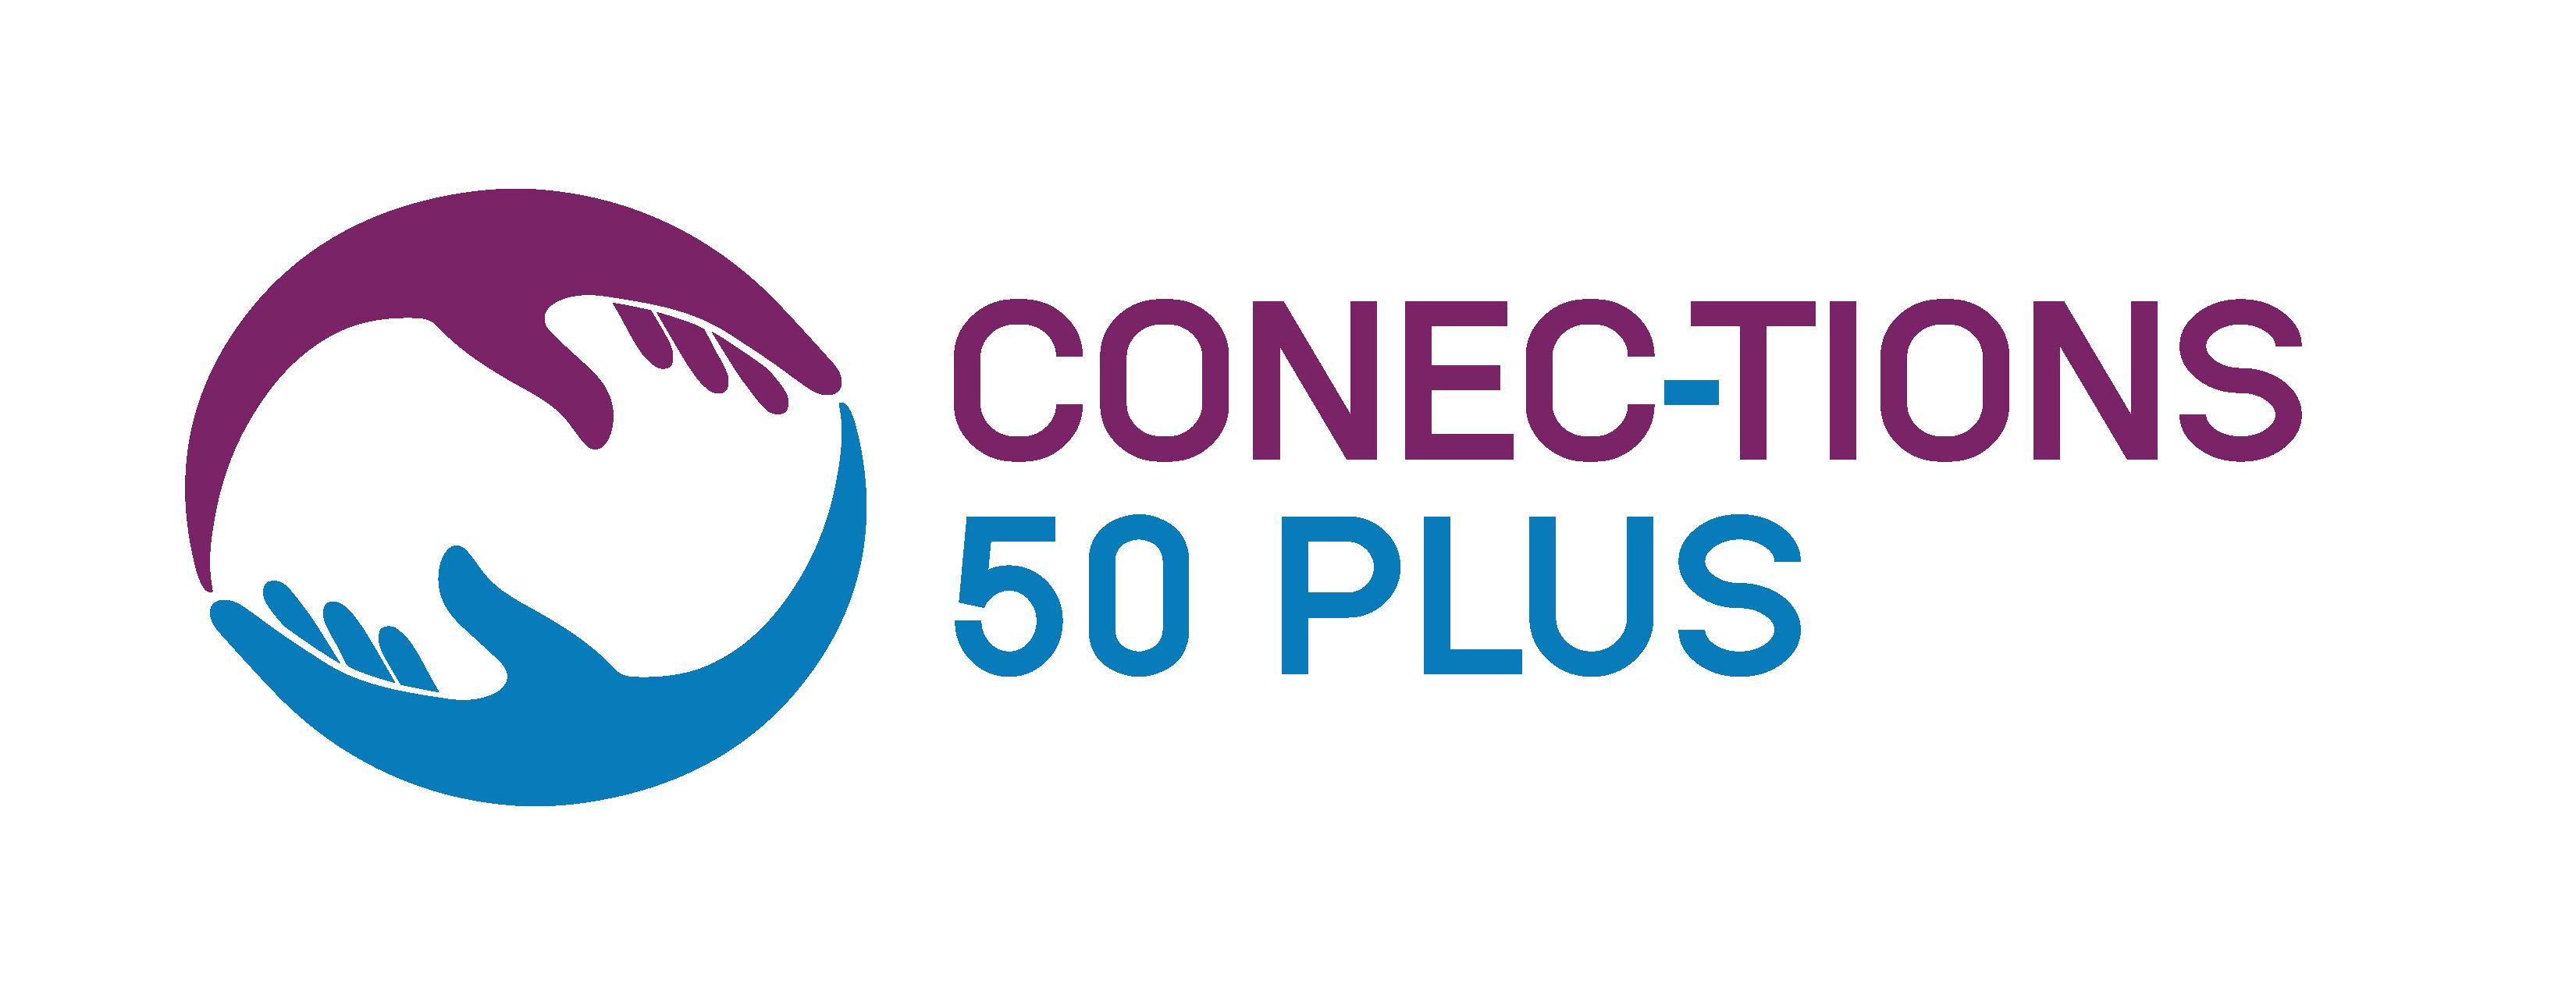 Conec-tions 50Plus